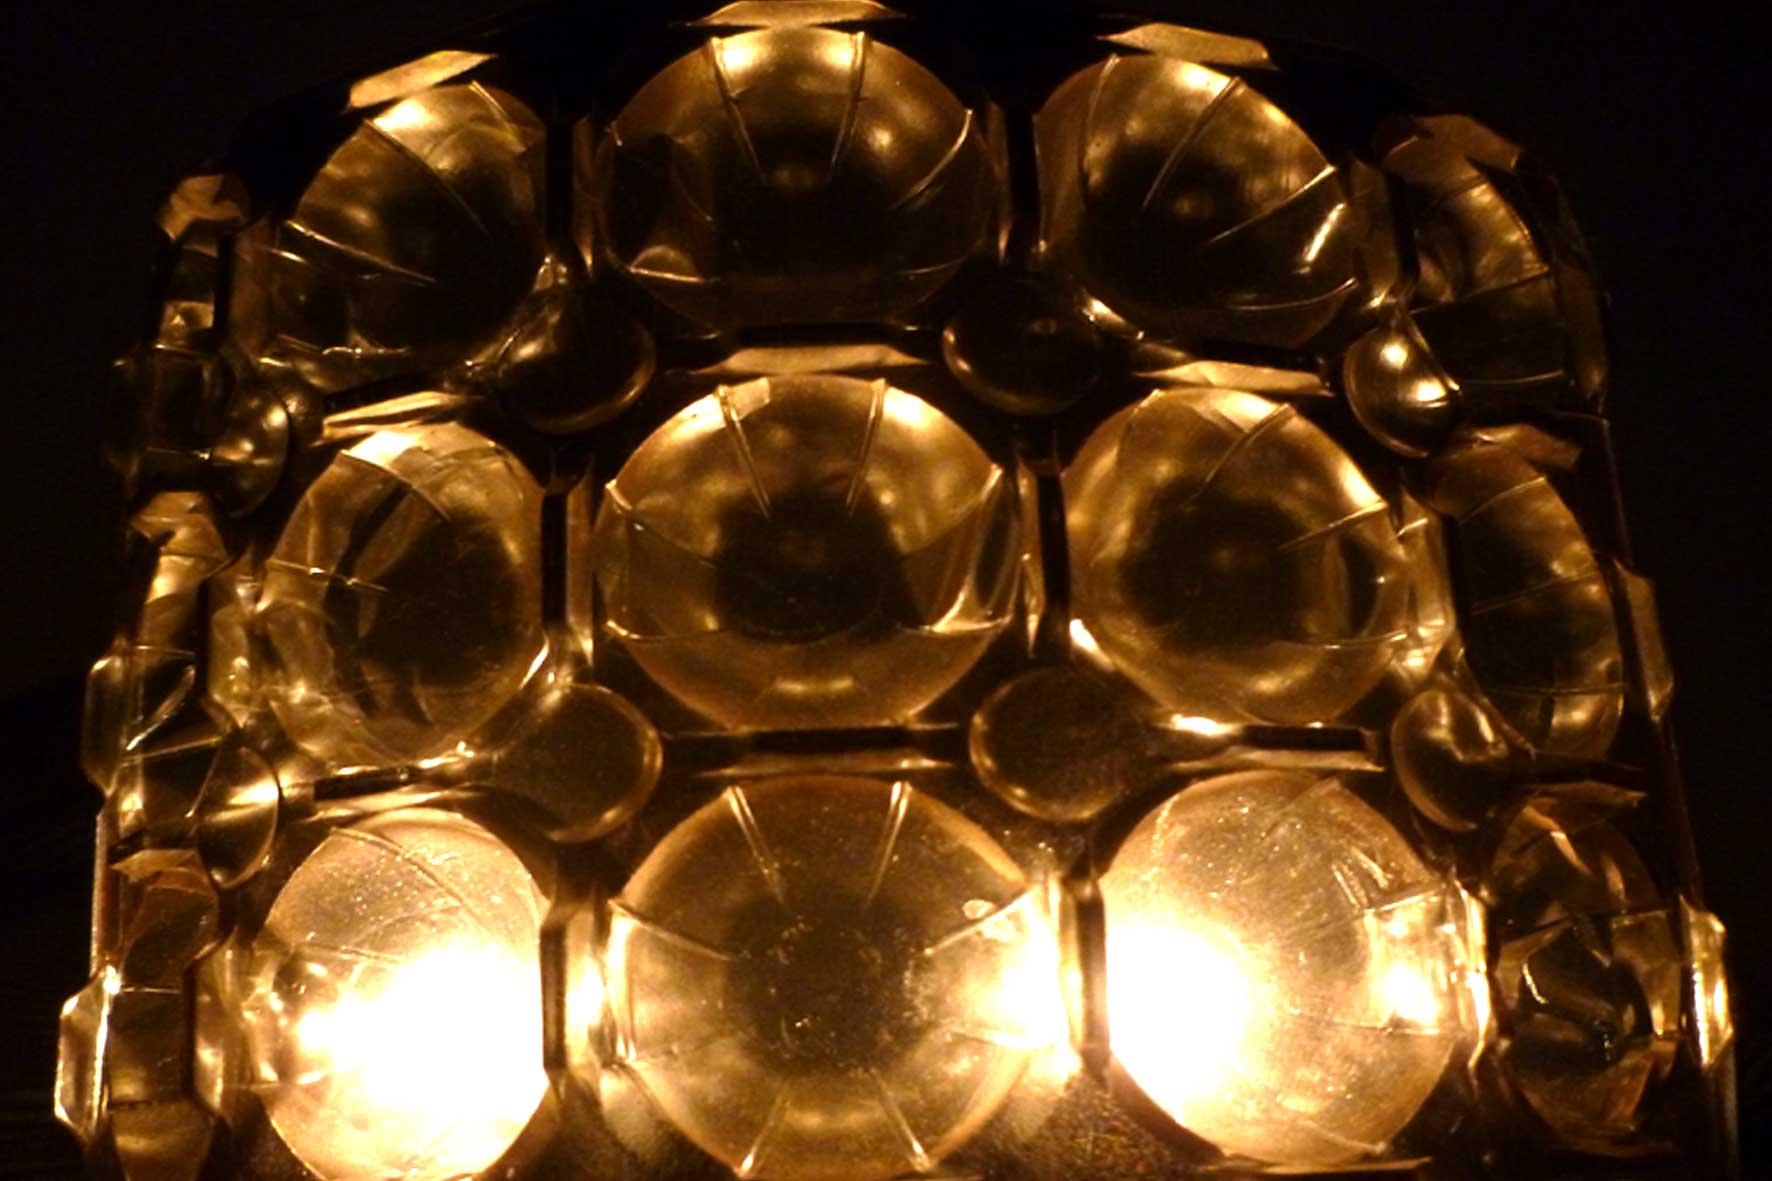 Pralinienpackungen zu Lichtbechern